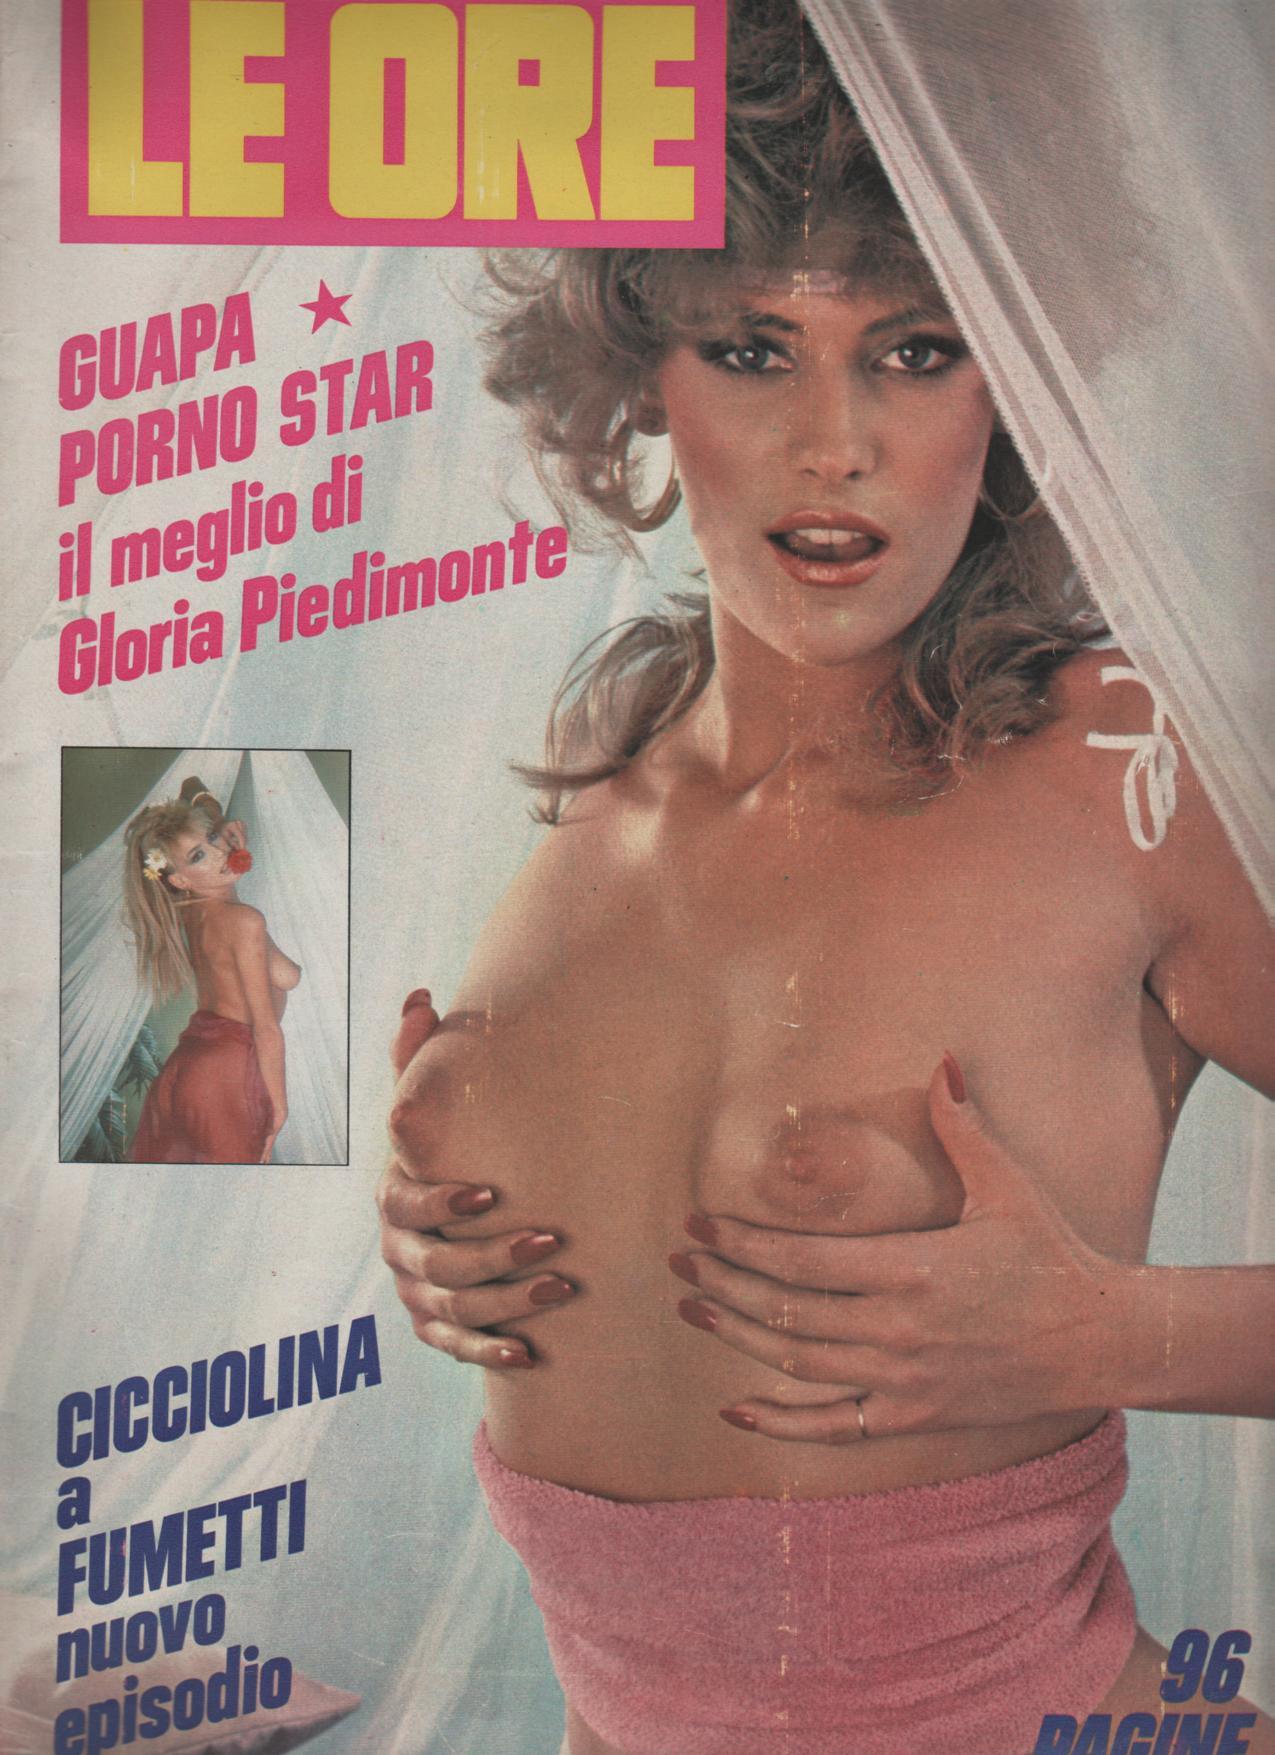 LE ORE  # 896 / 1984  con  GLORIA PIEDIMONTE la guapa HARD